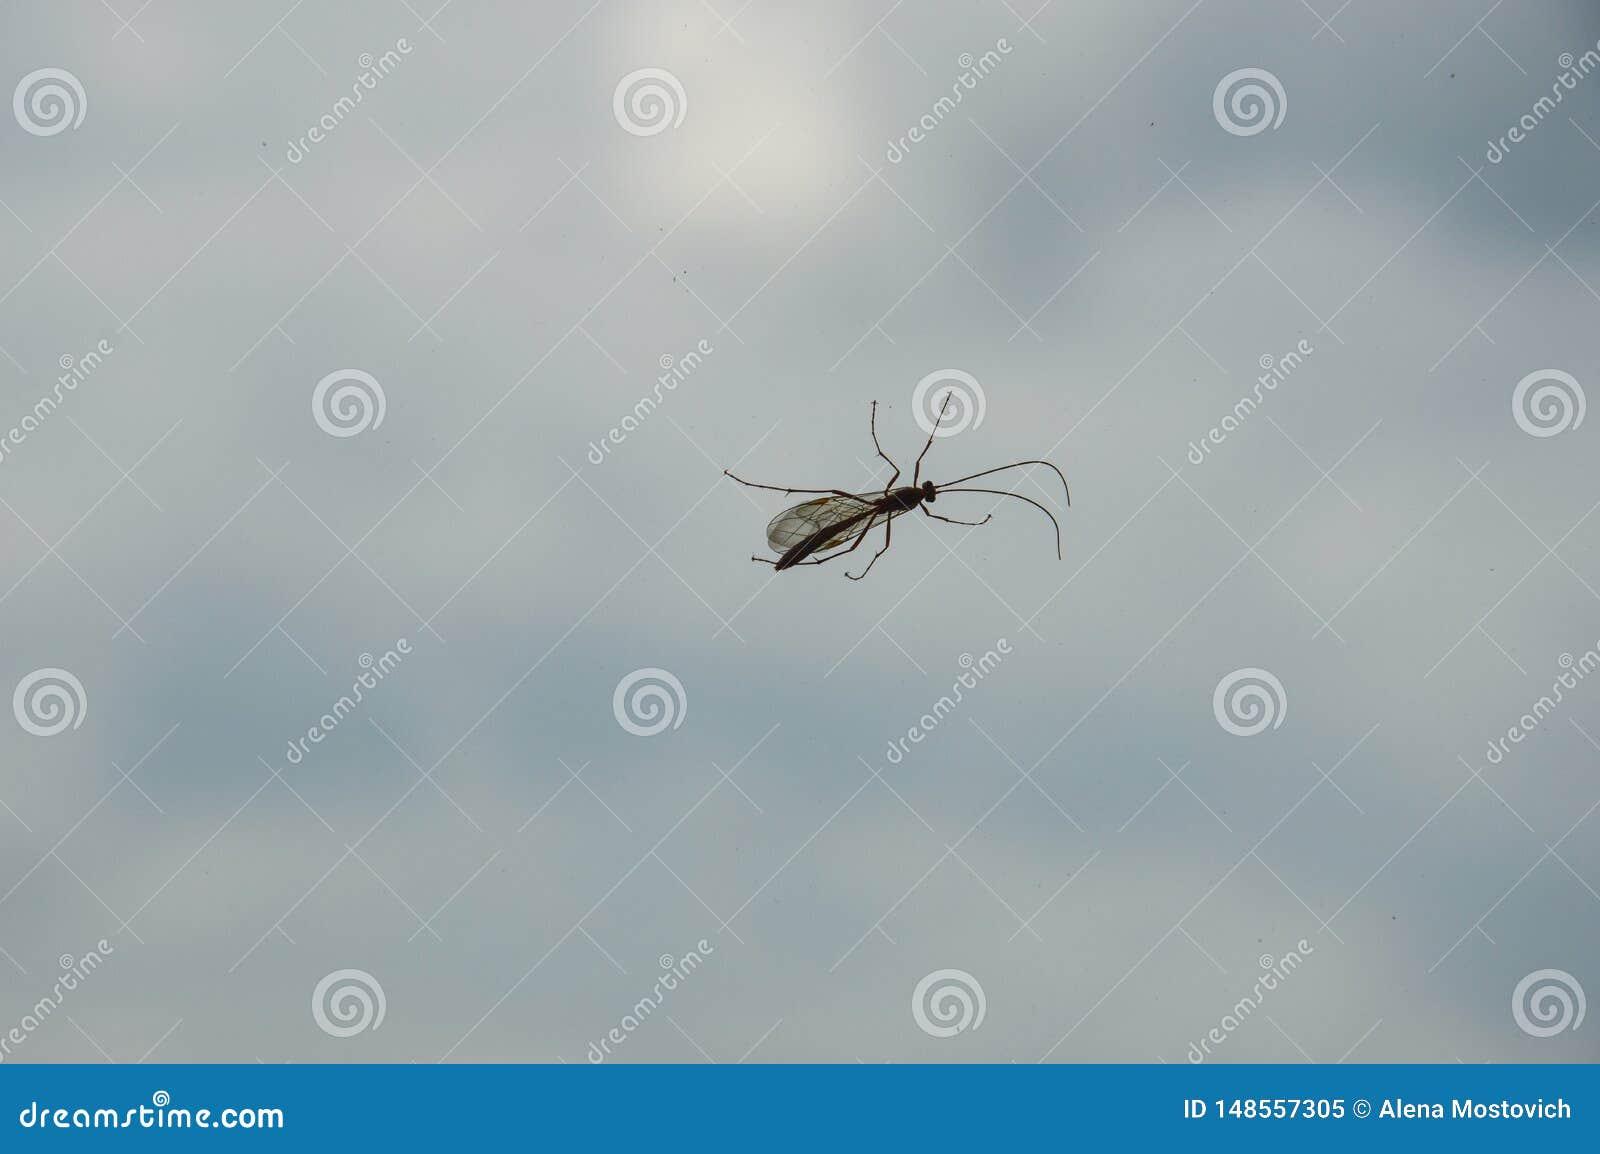 Insecto en un fondo azul